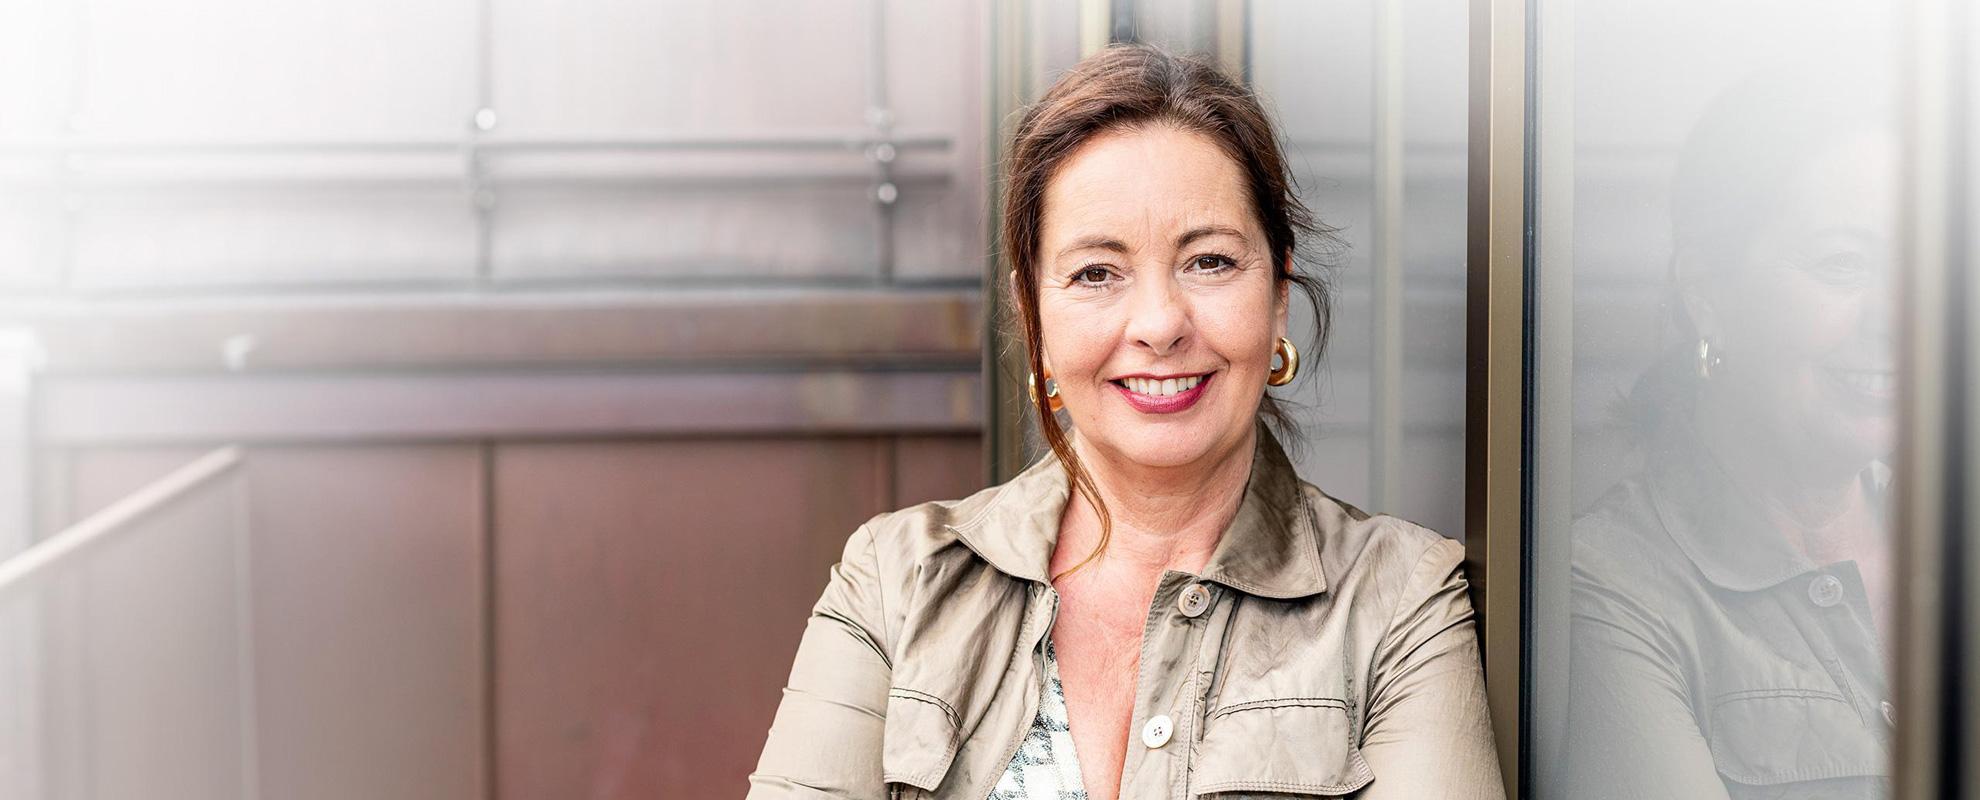 Sabine Lanius - Coaching und Consulting